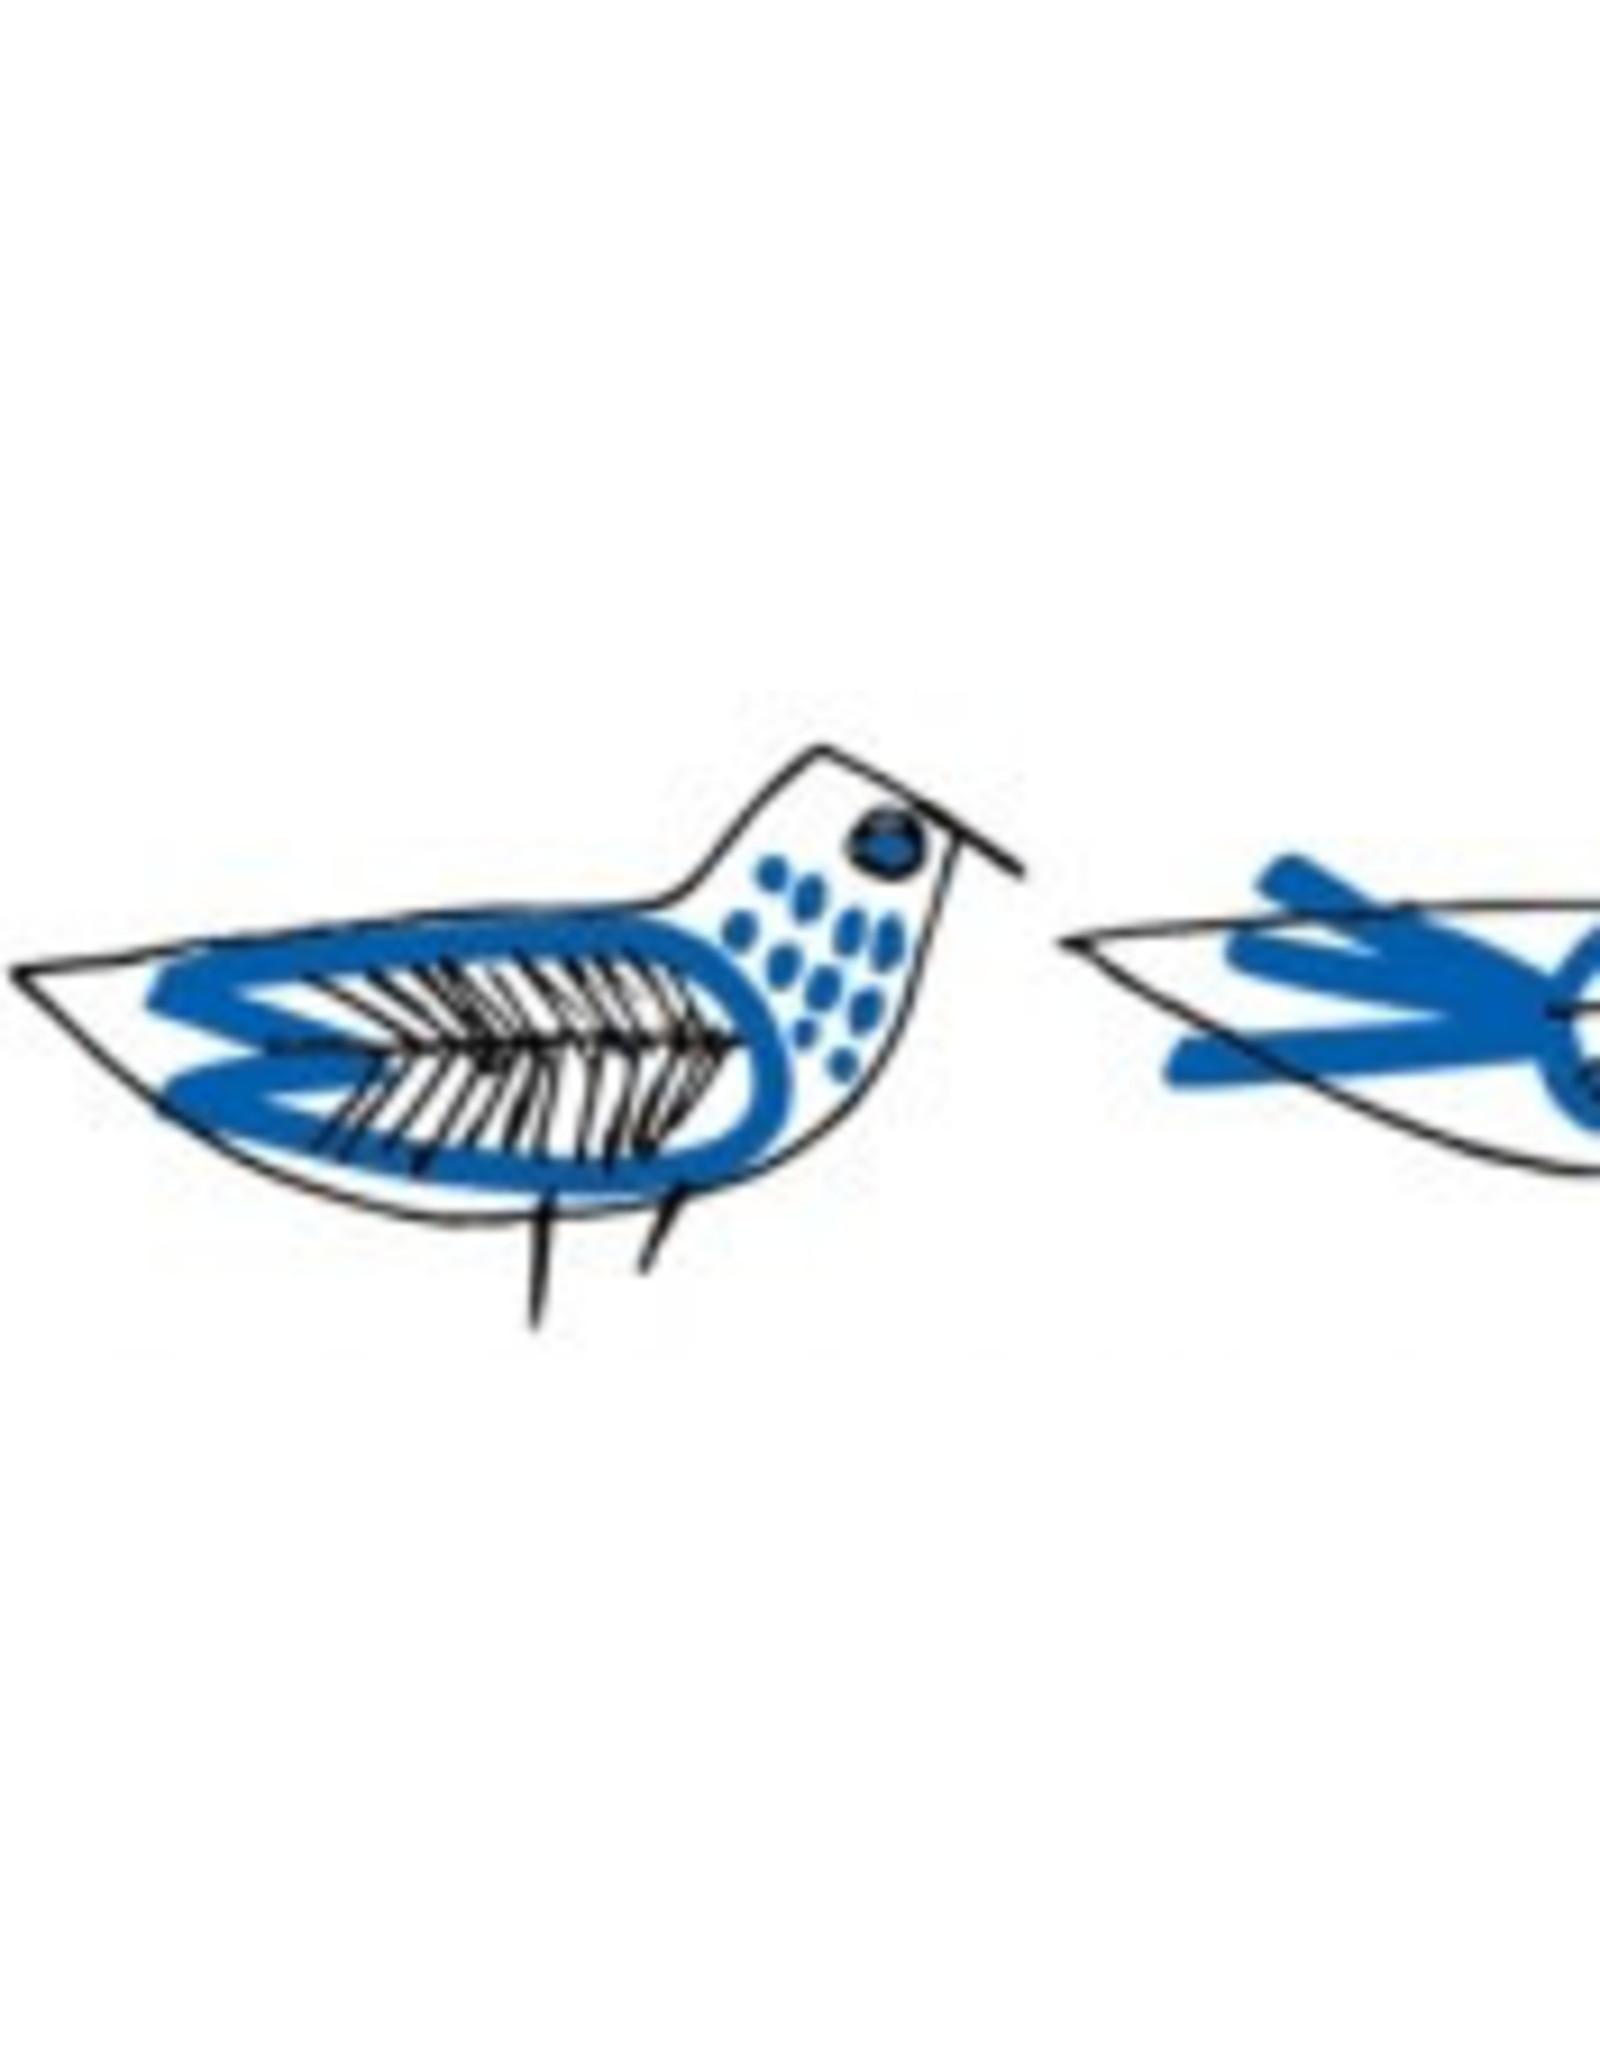 Mt retrobirds